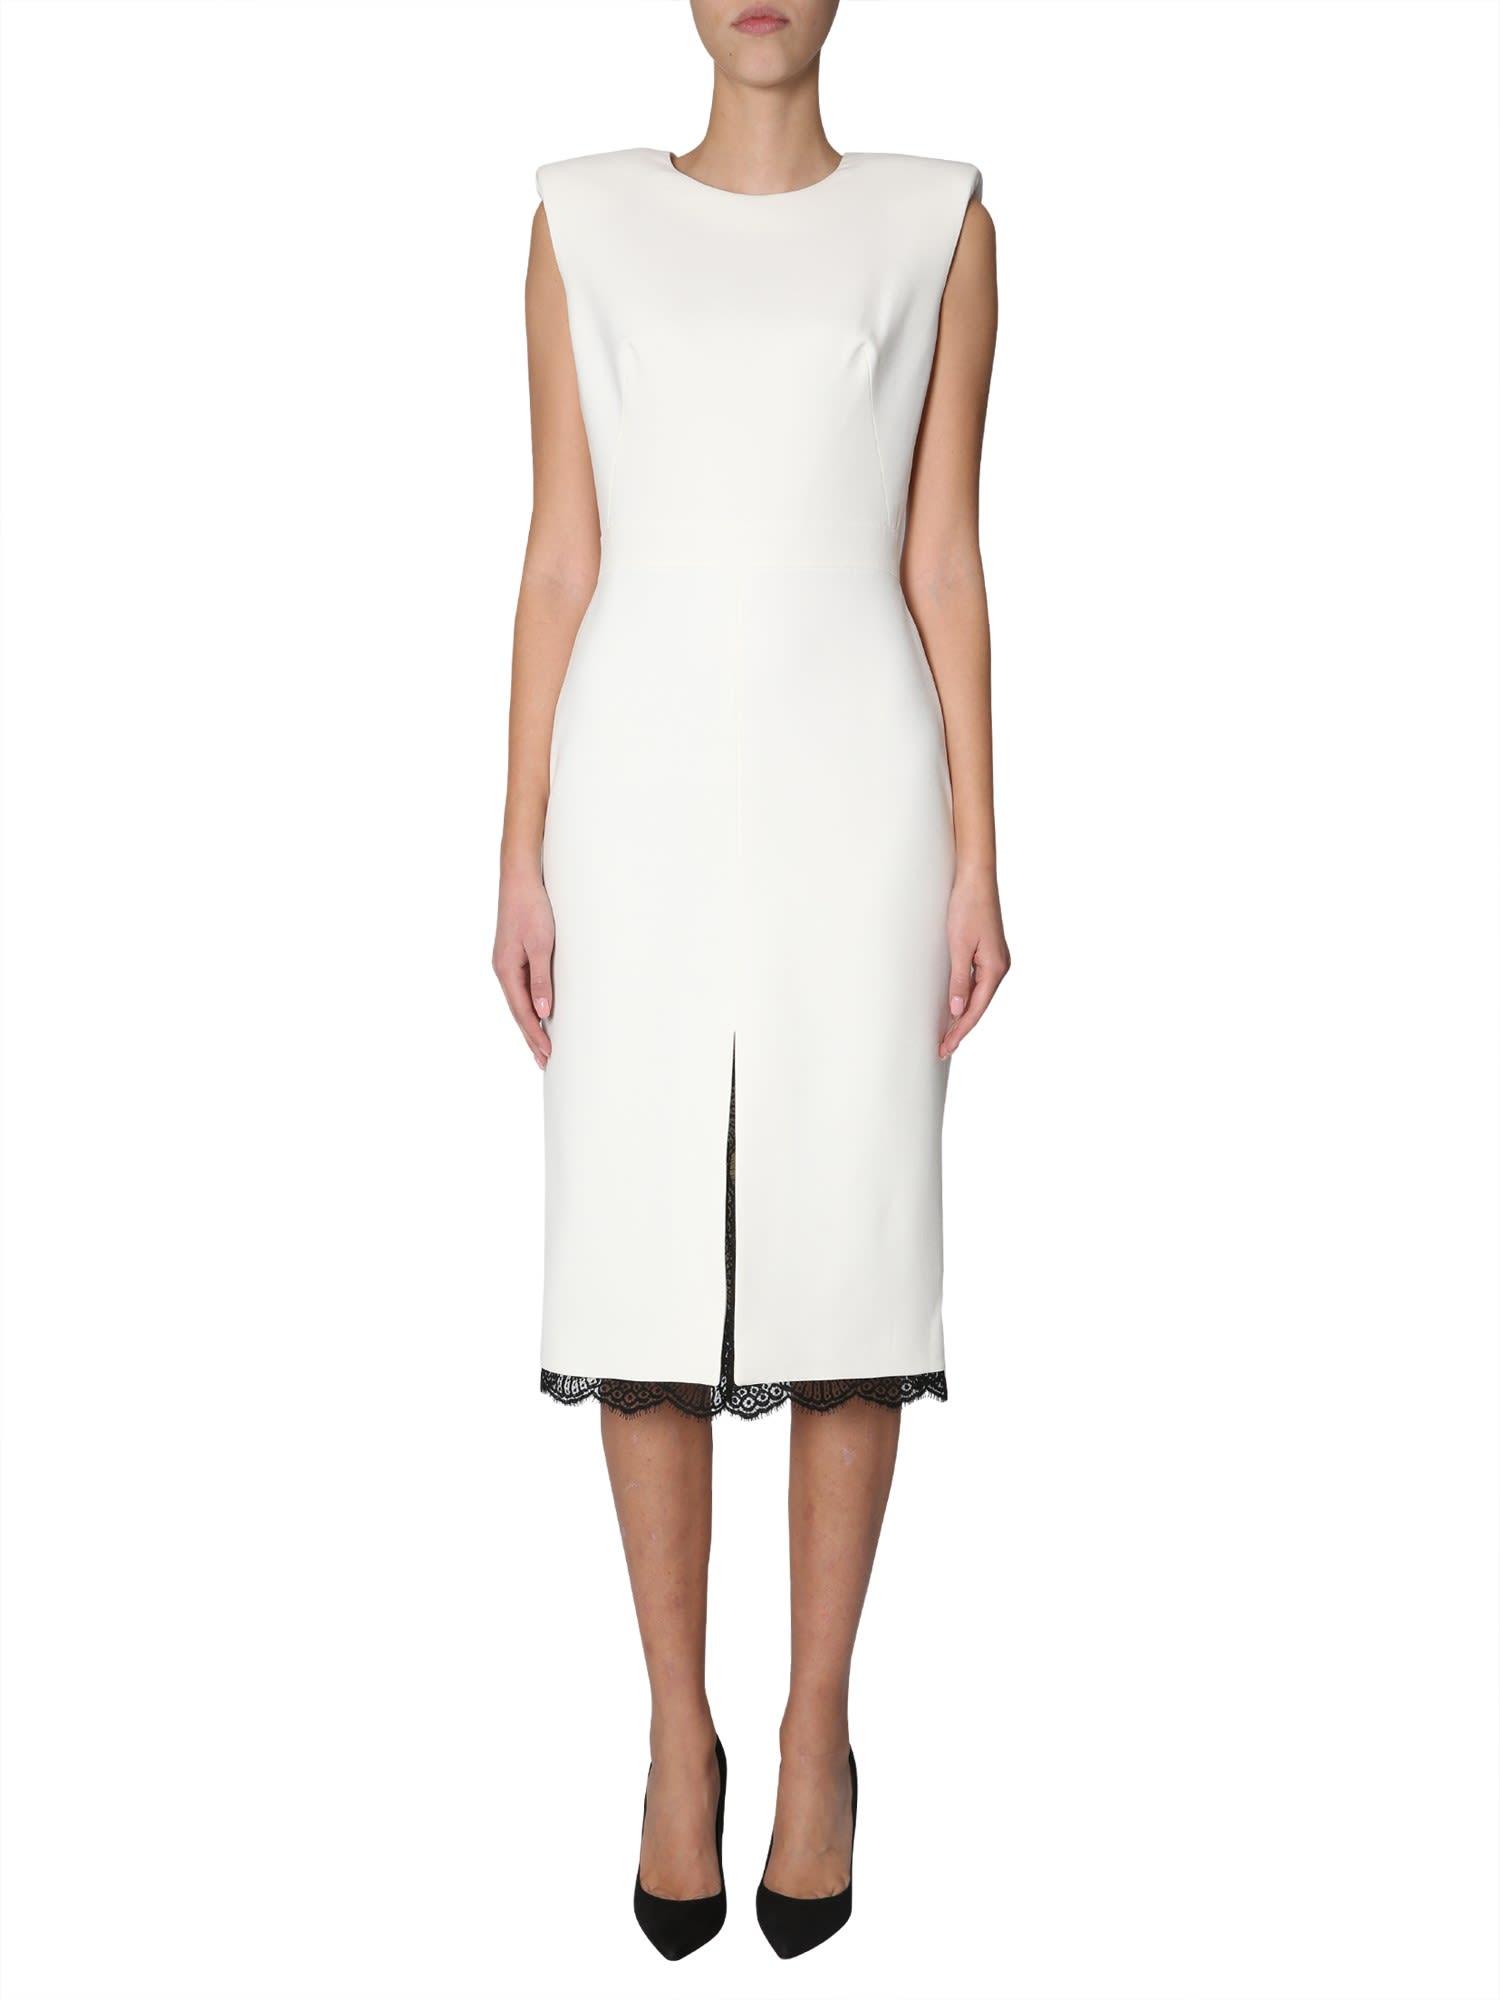 Alexander McQueen Sleeveless Dress